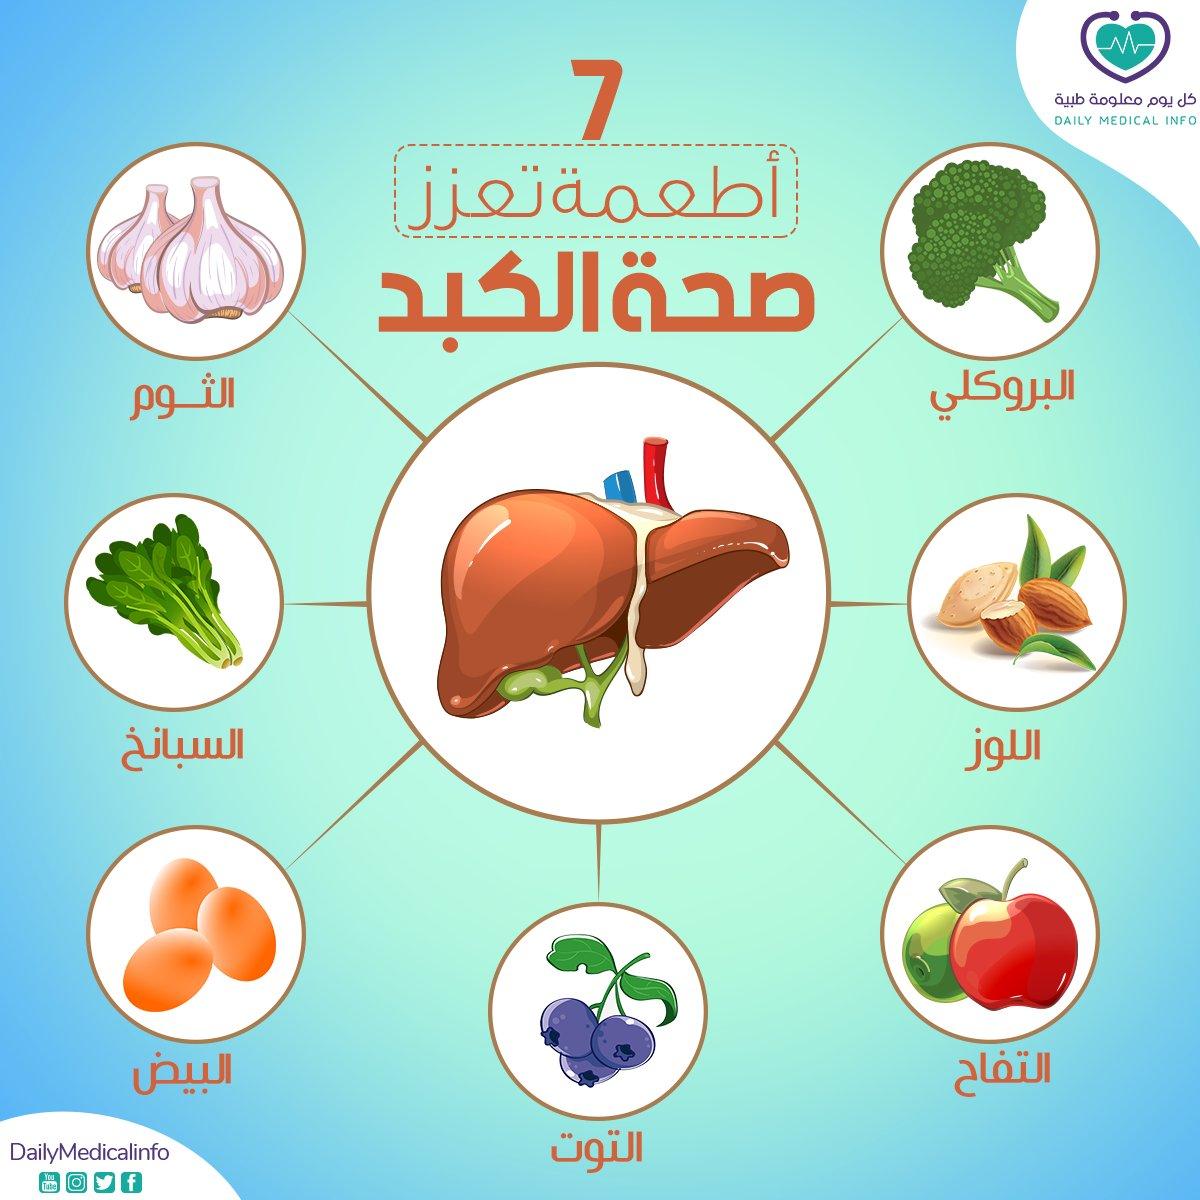 7 أطعمة تعزز صحة الكبد